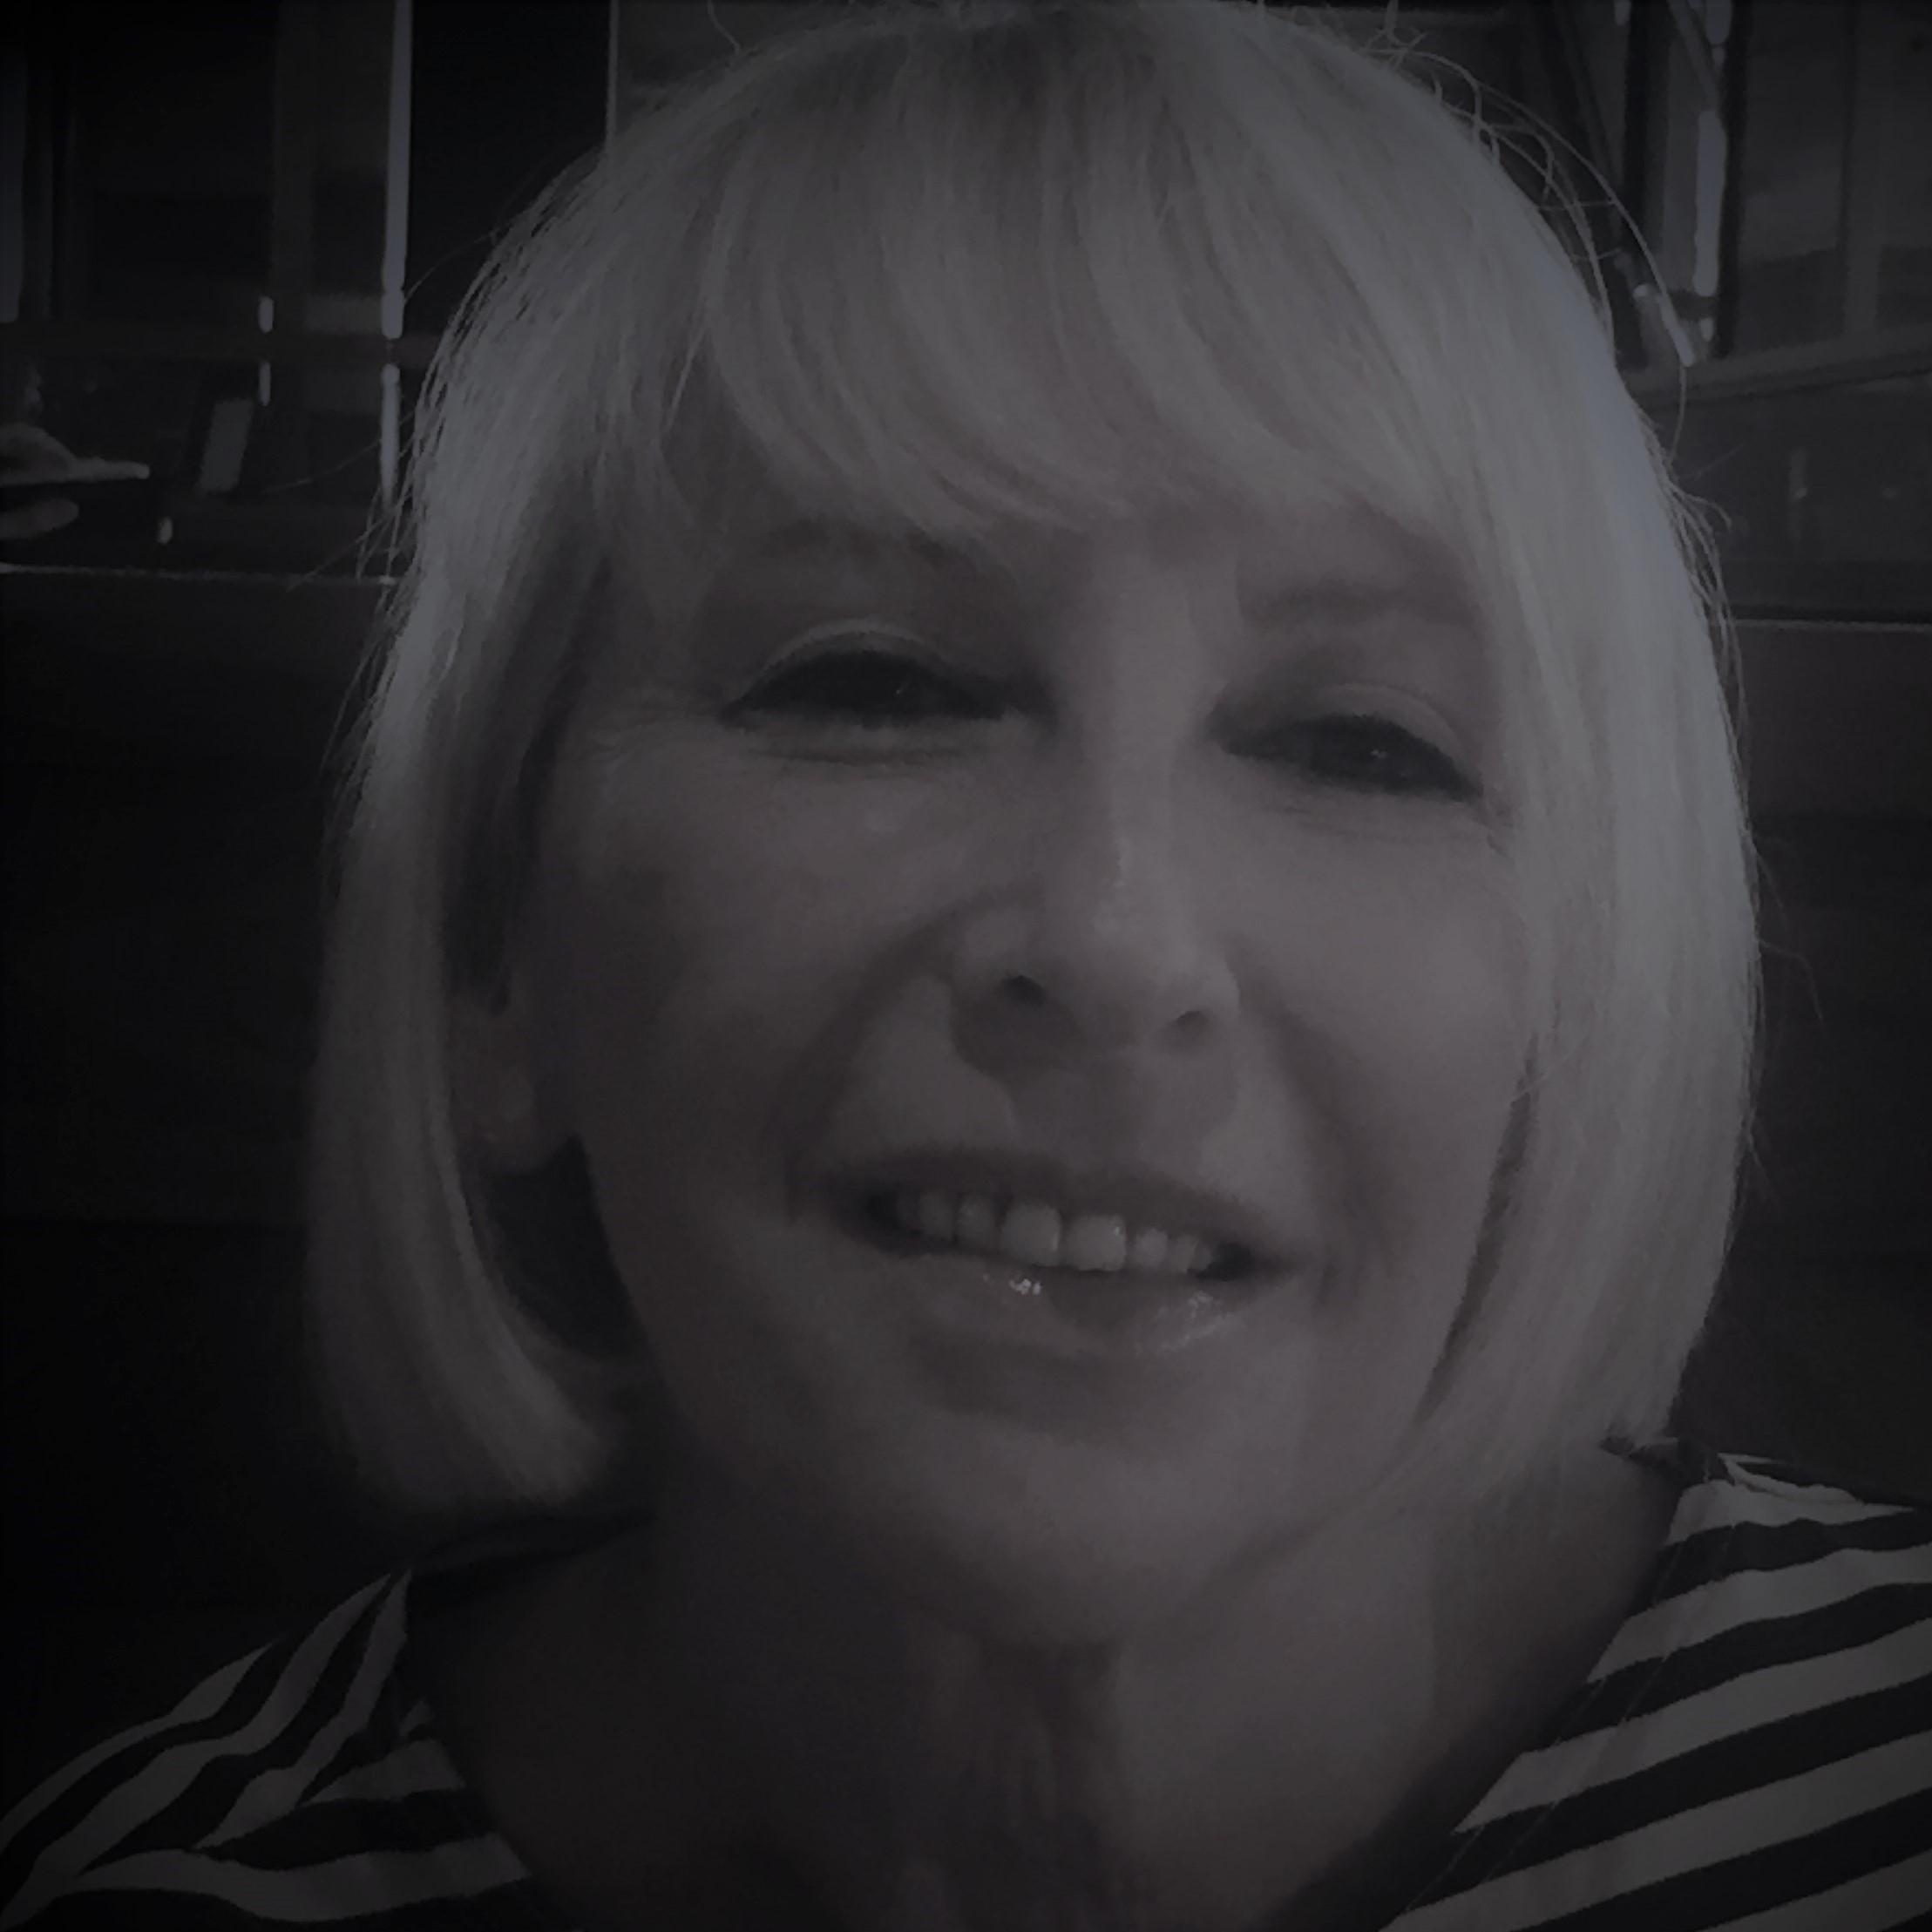 Evelyn Sharenov